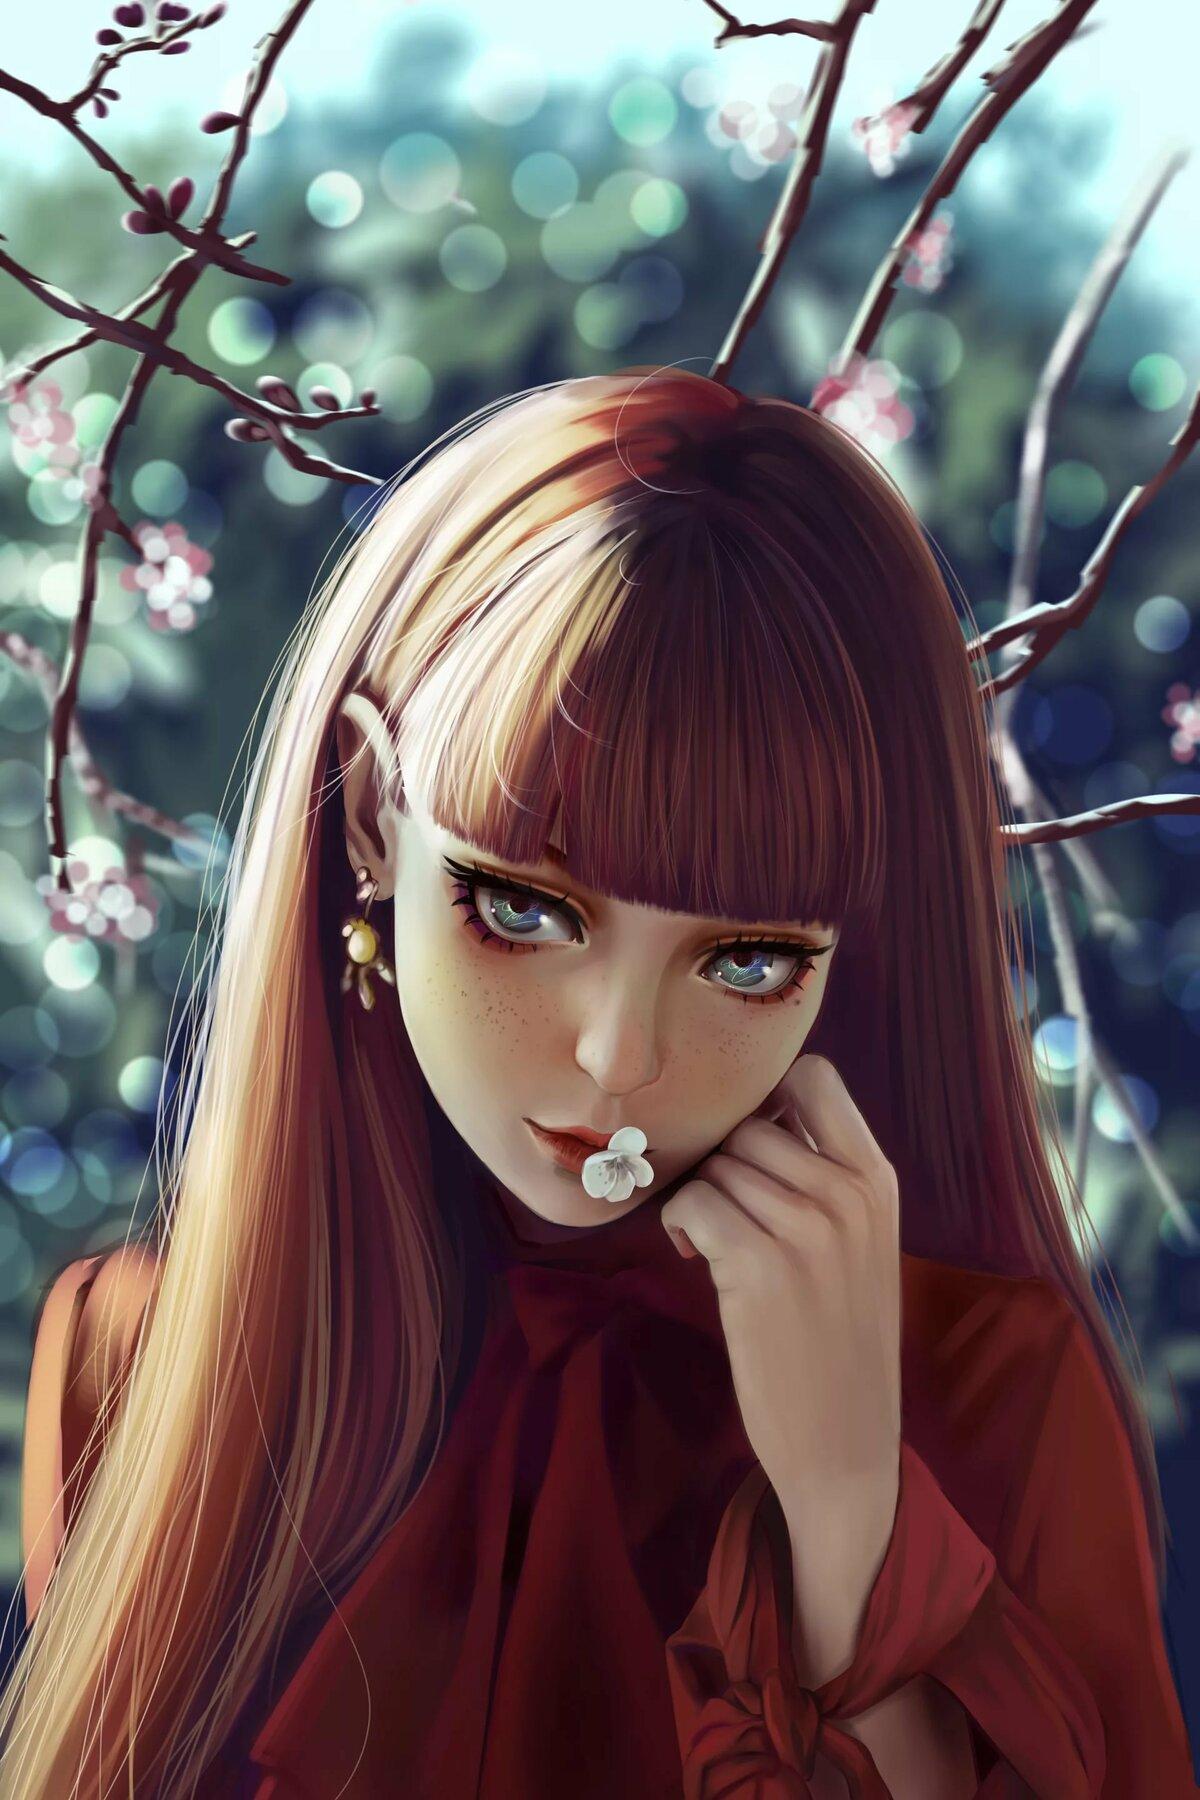 Красивые картинки девочек в вк на аву